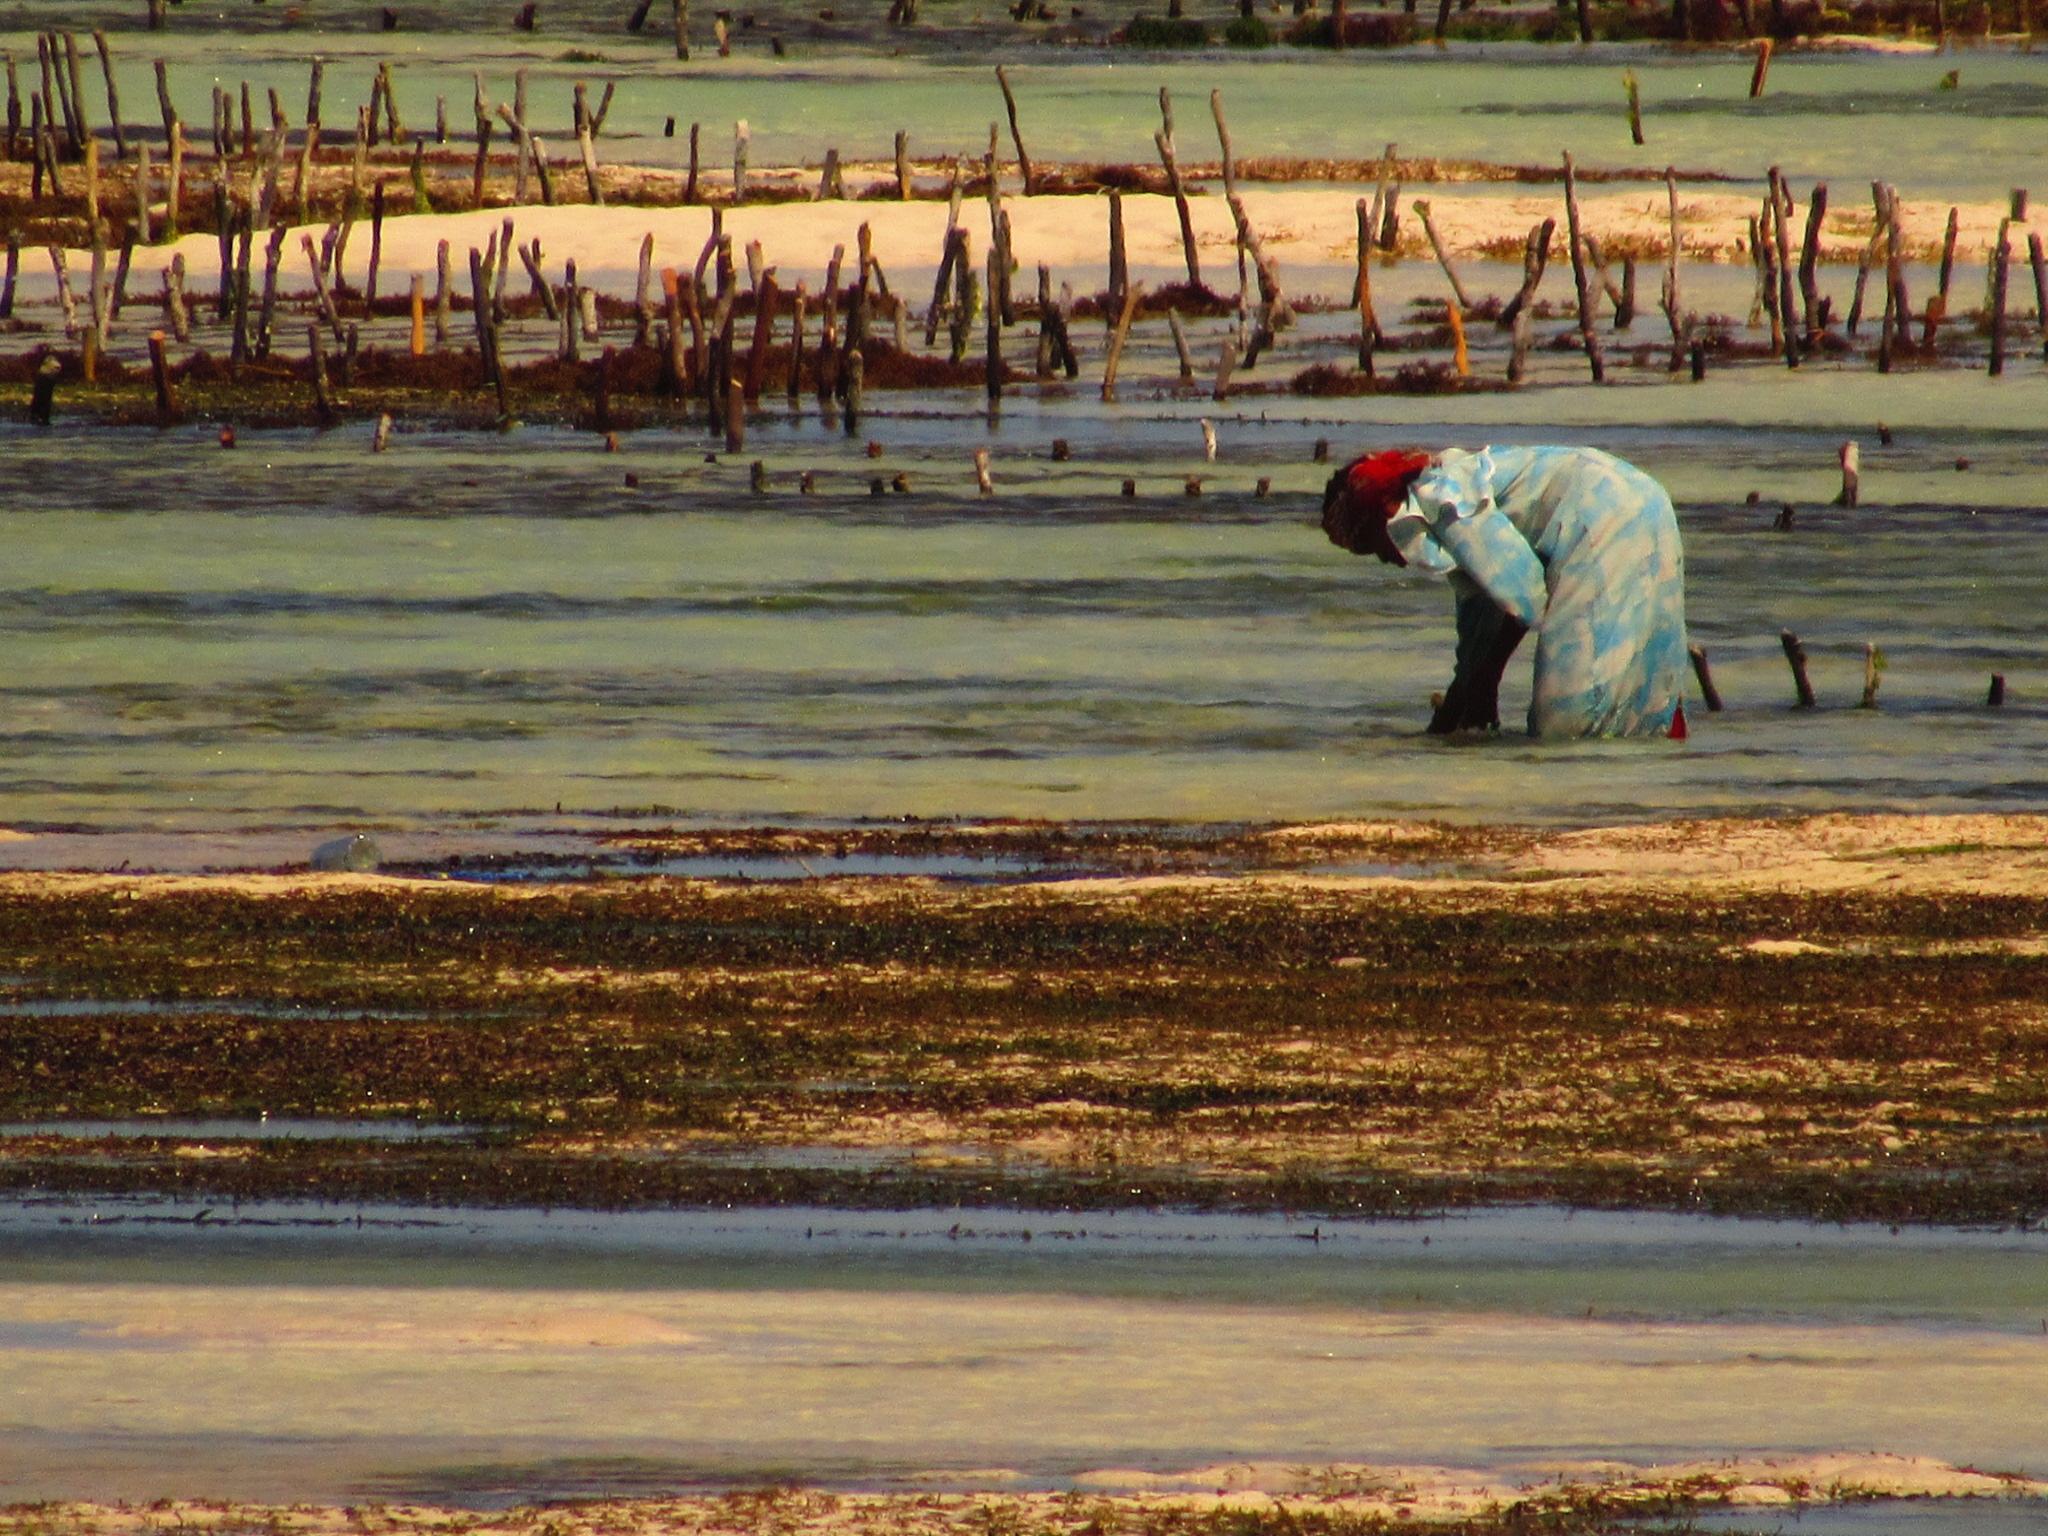 Women working in the seaweed farm on Jambiani Beach in Zanzibar, Tanzania